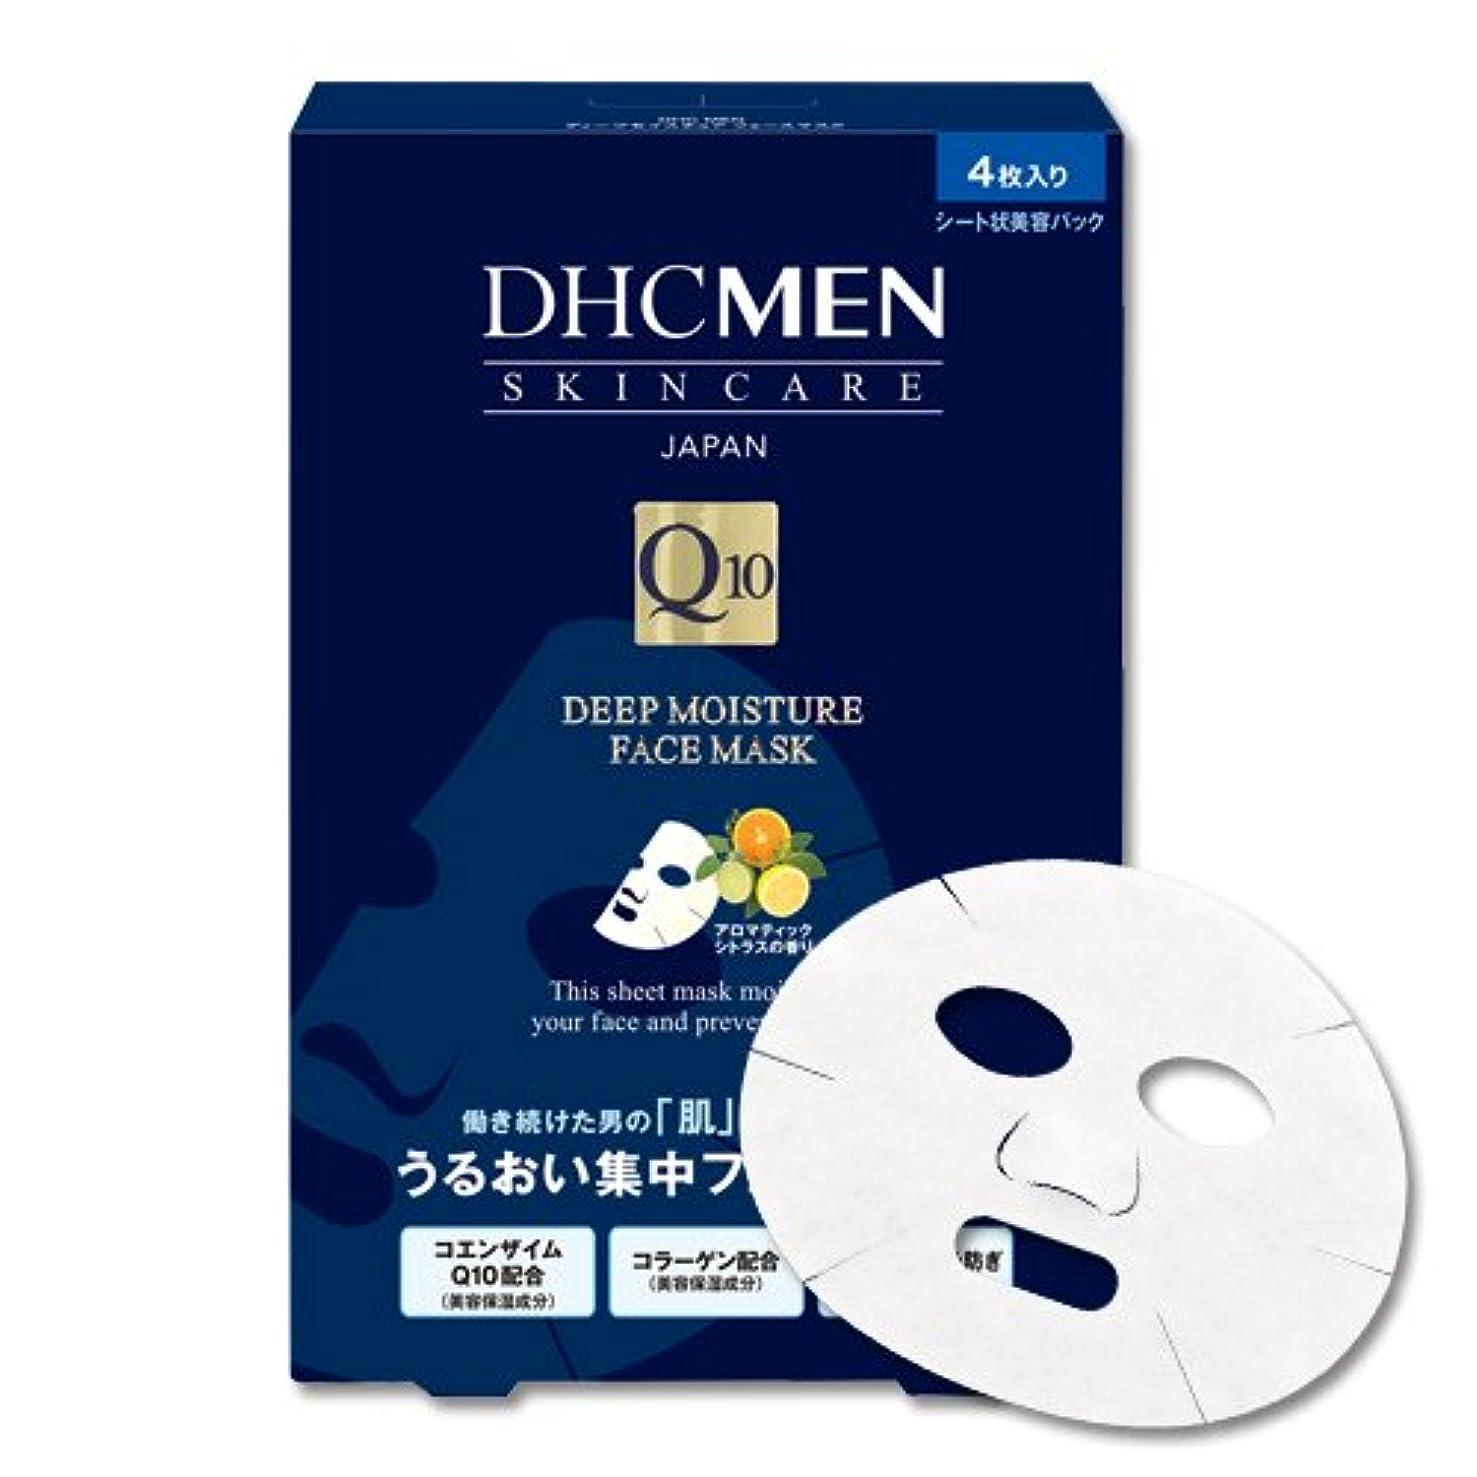 可動式魅惑する抽象DHC MEN ディープモイスチュア フェースマスク